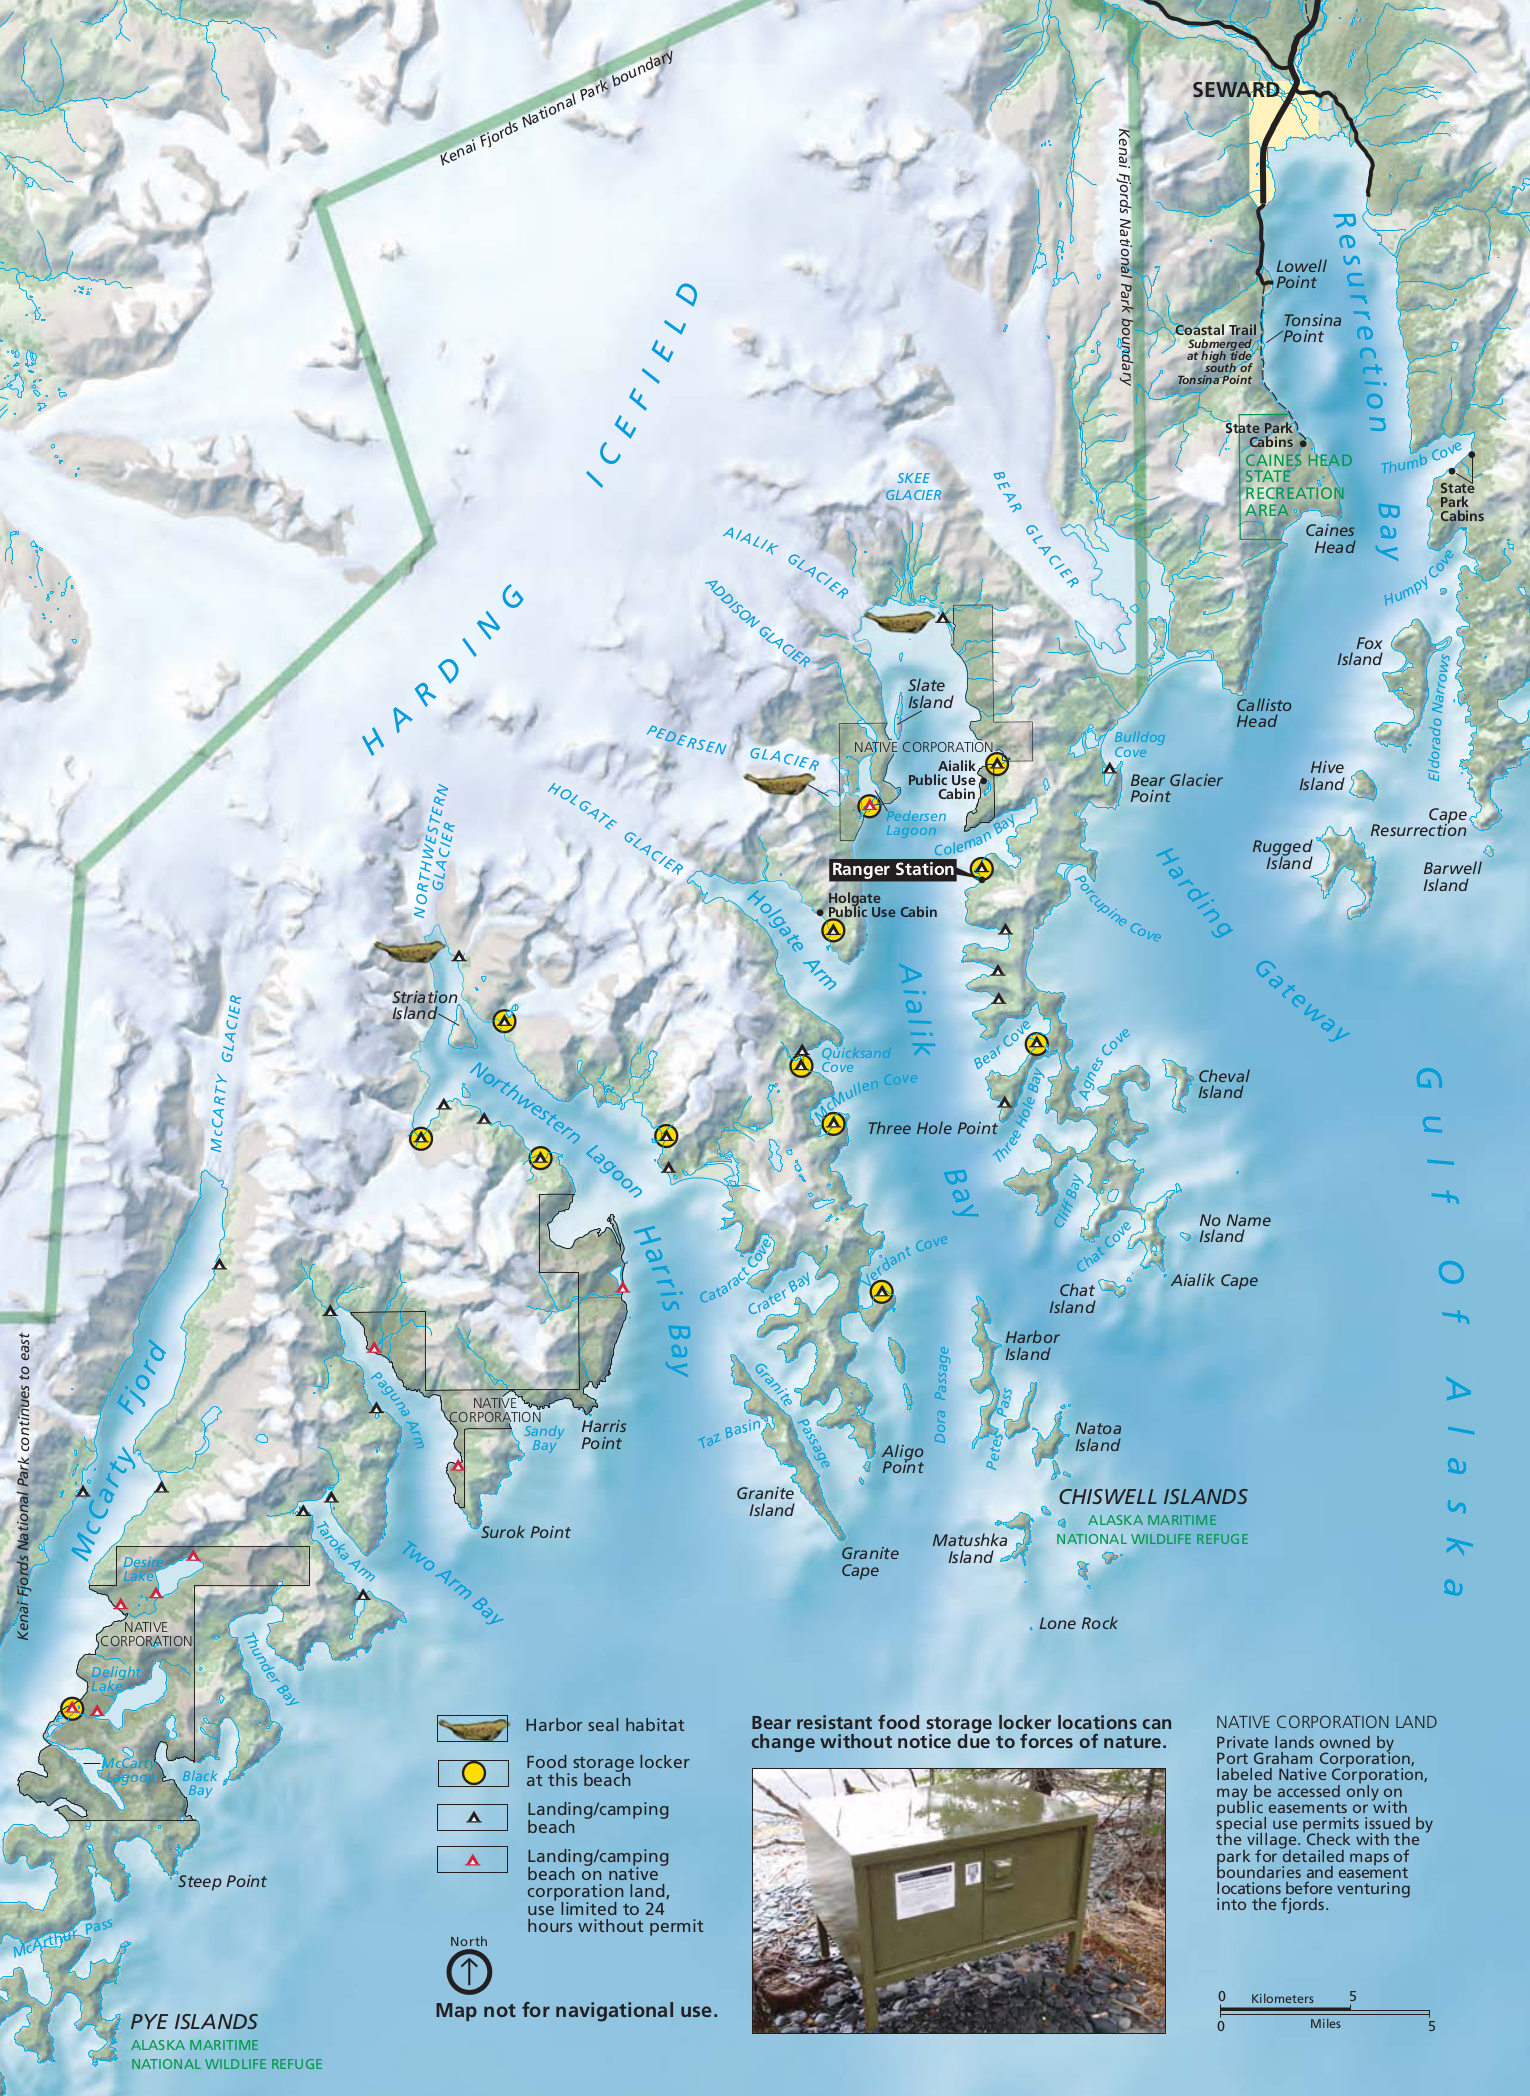 FileNPS kenaifjordskayakingmapjpg Wikimedia Commons